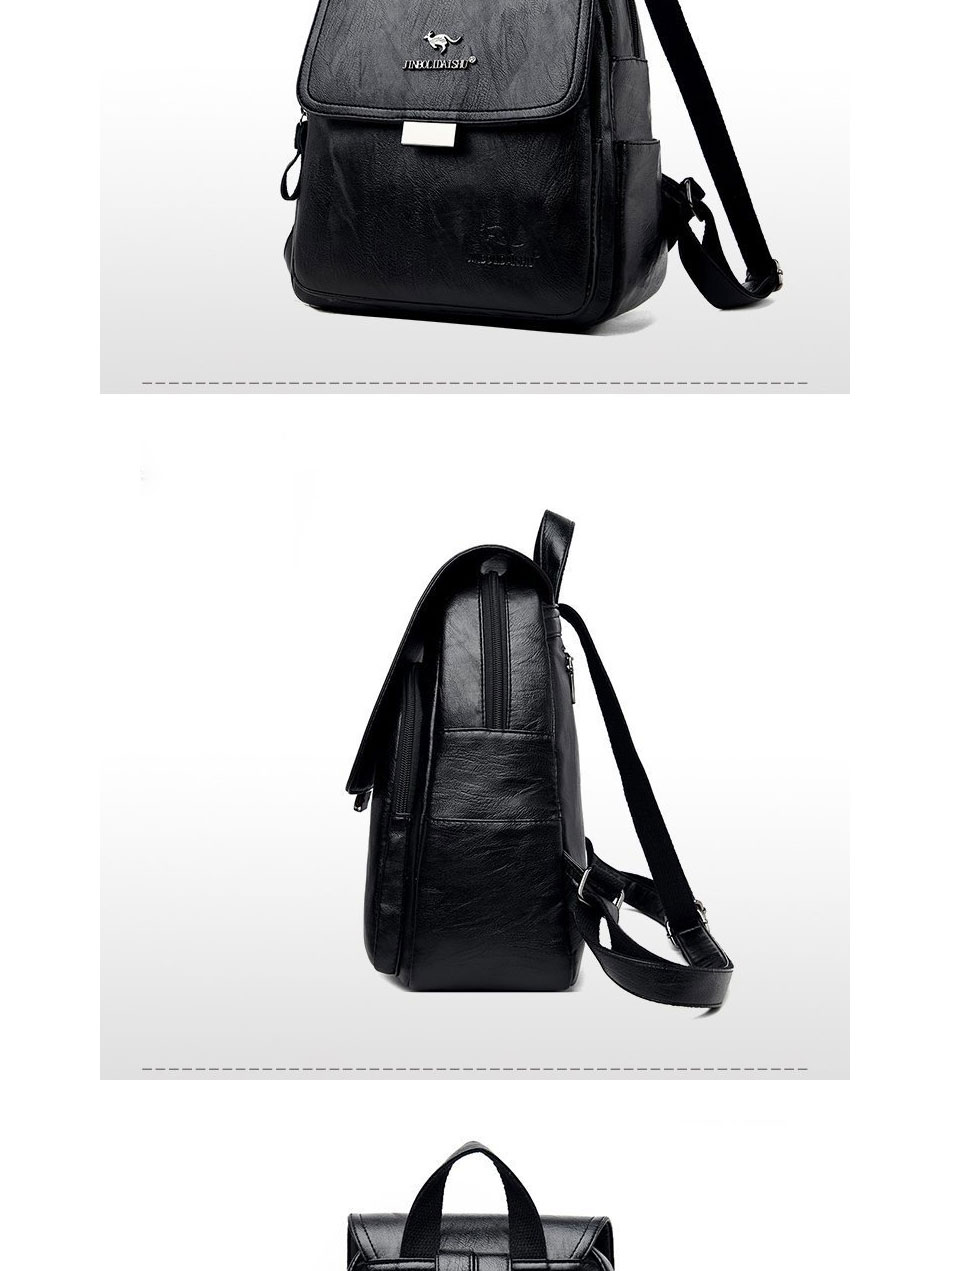 ACELURE Fashion Anti Theft Backpack